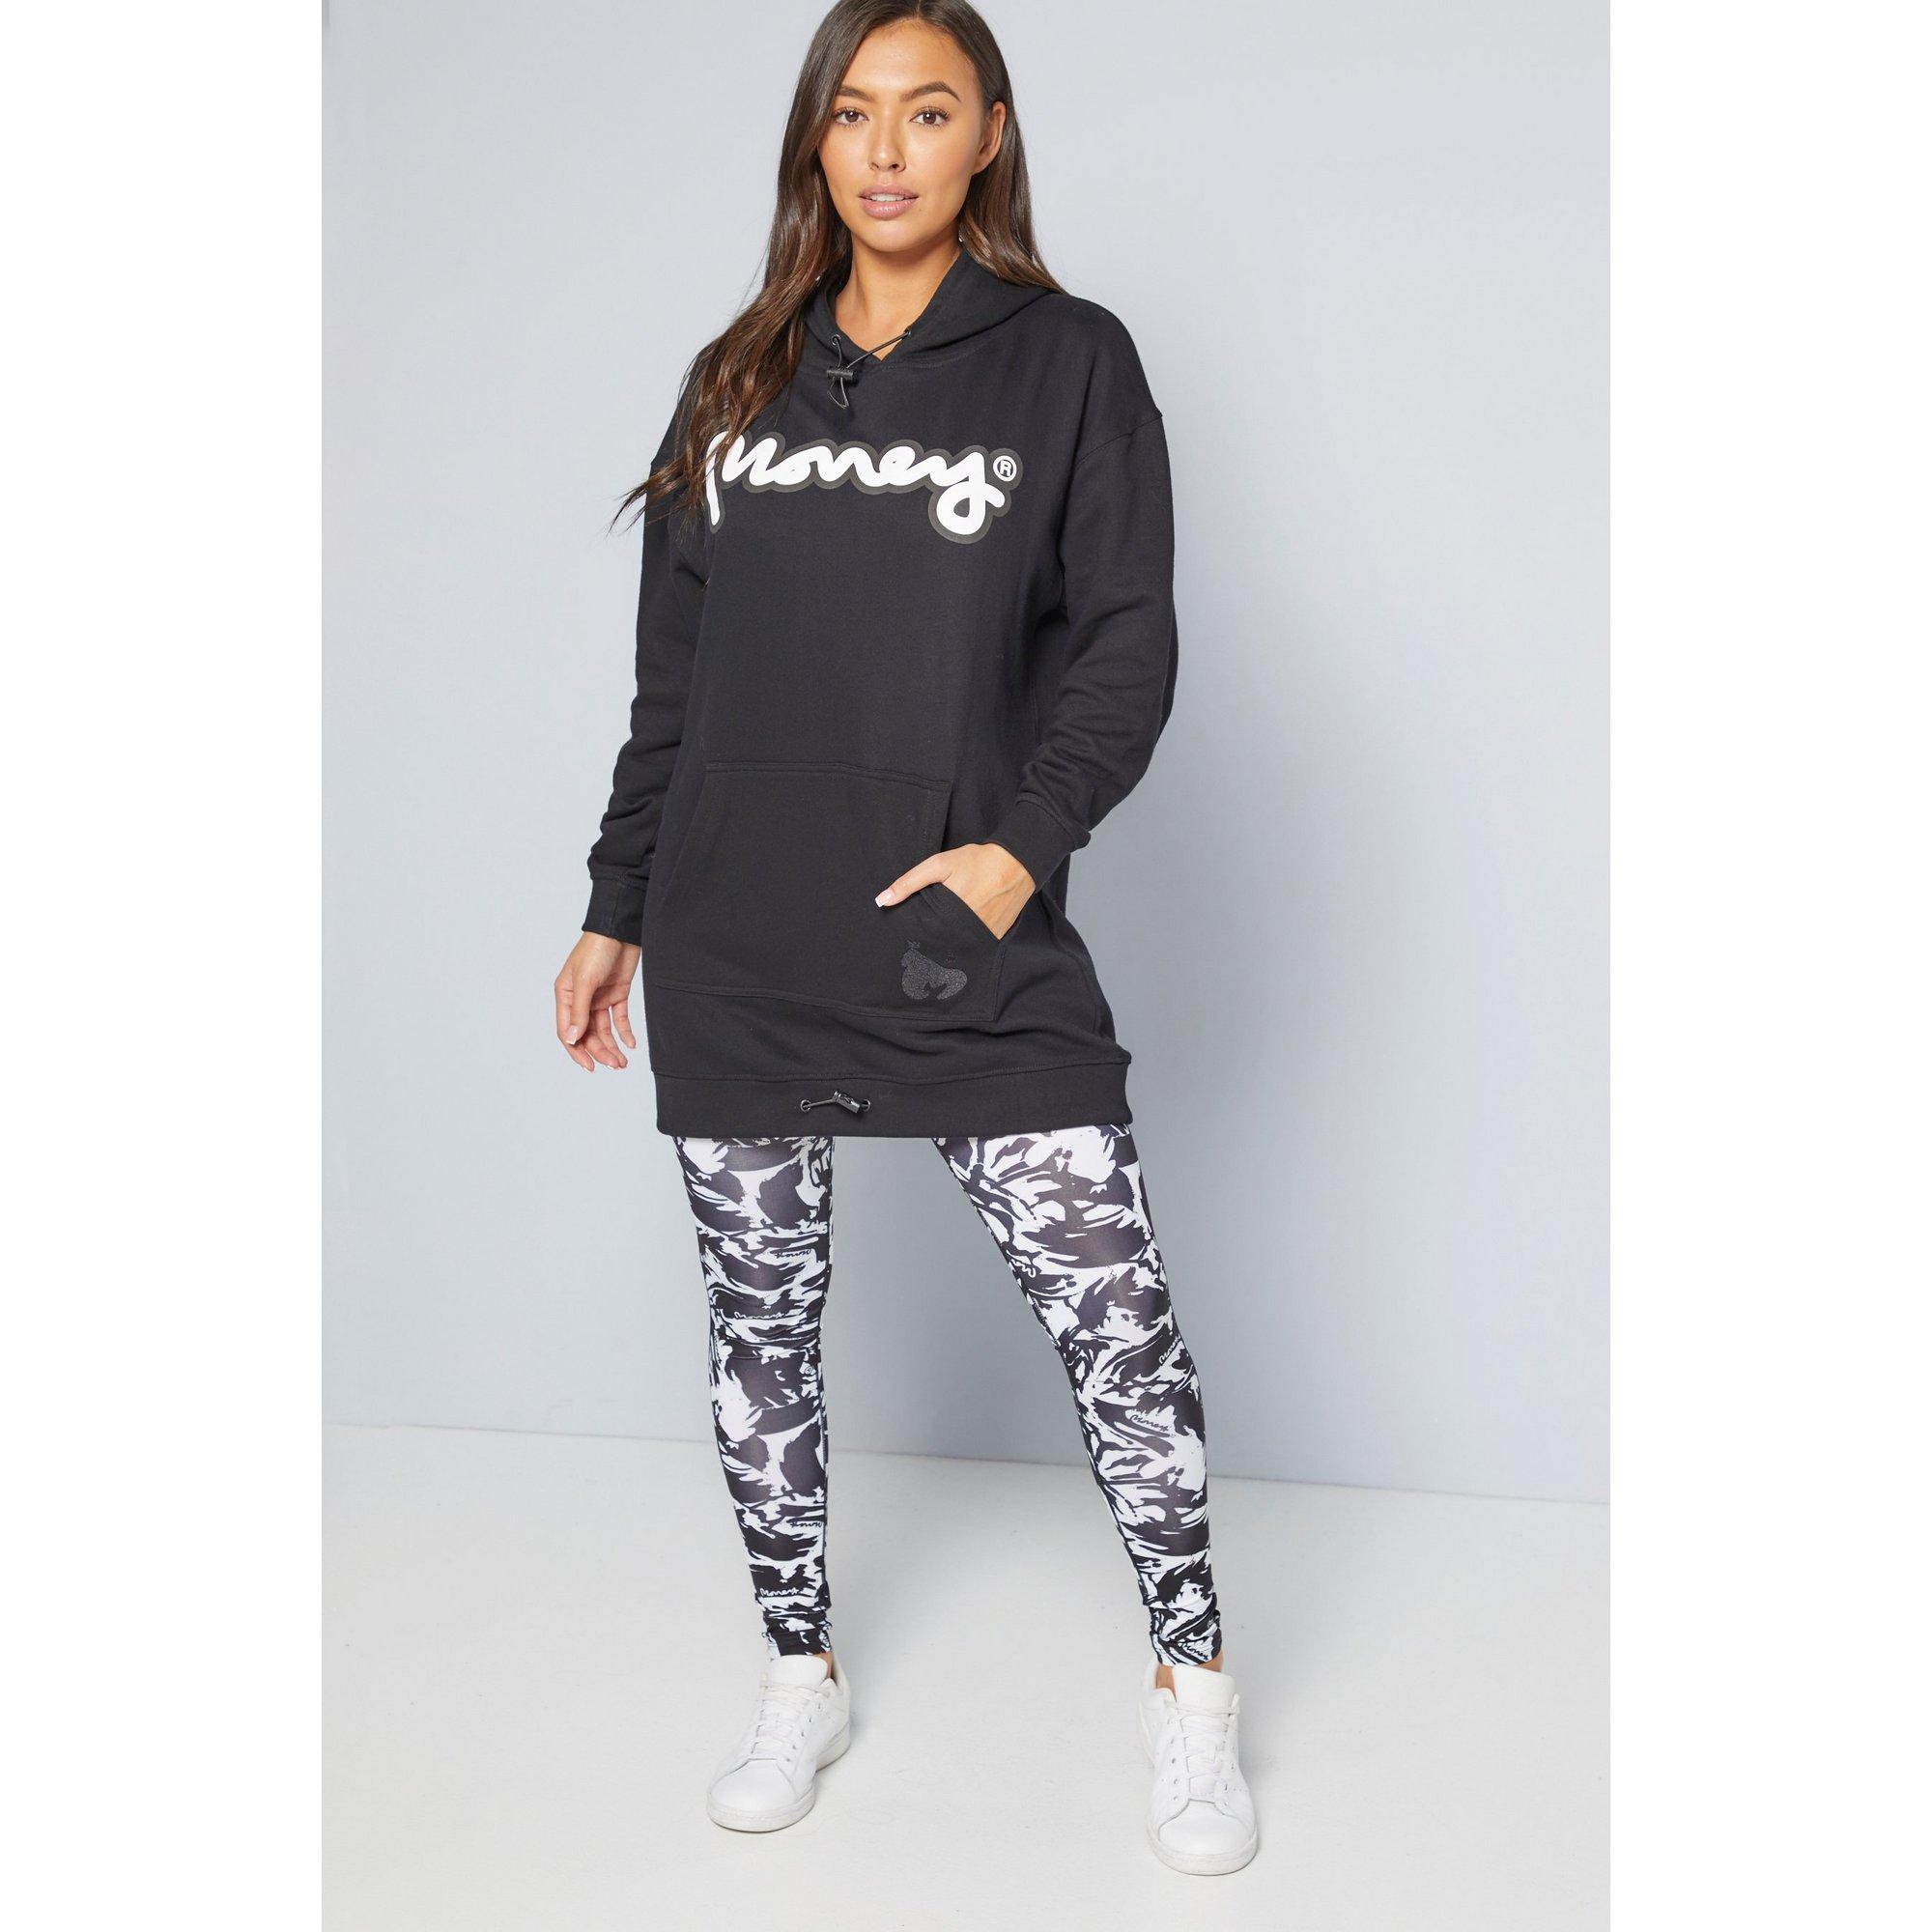 Image of Money Black Oversized Sweater Dress